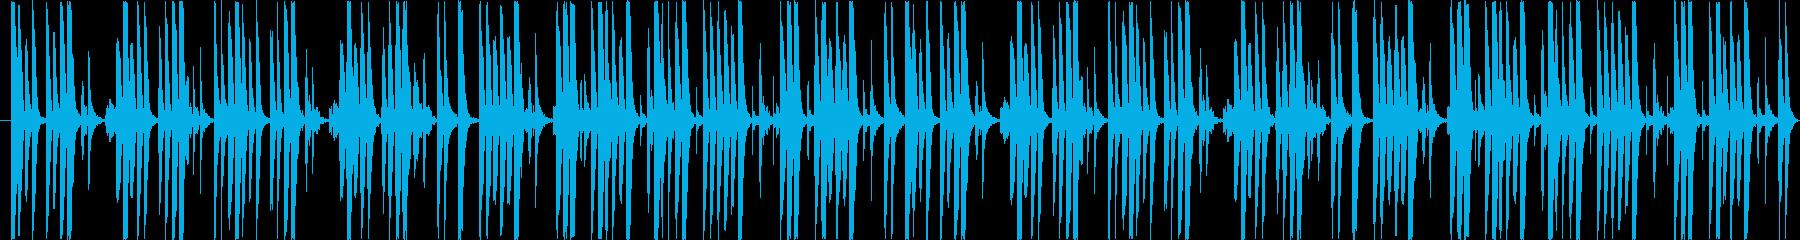 ゲームやアニメに適したほのぼのしたBGMの再生済みの波形